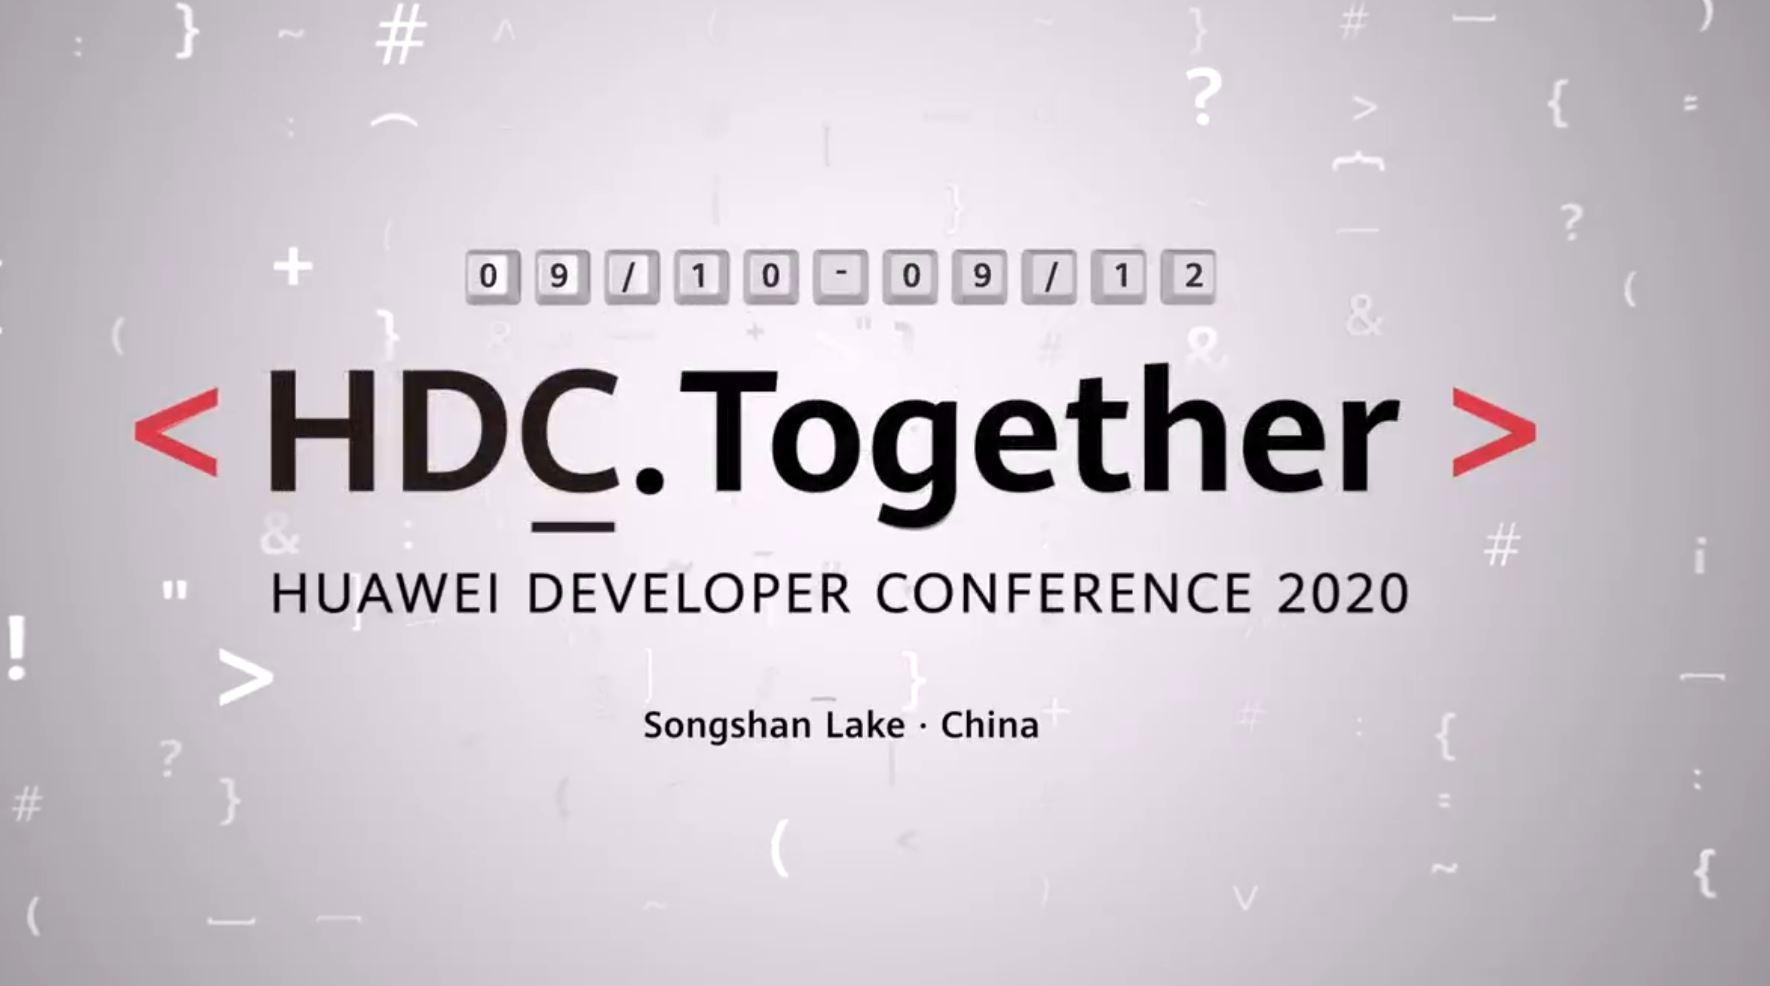 Huawei Developer Conference 2020 al via dal 10 al 12 settembre con tante novità